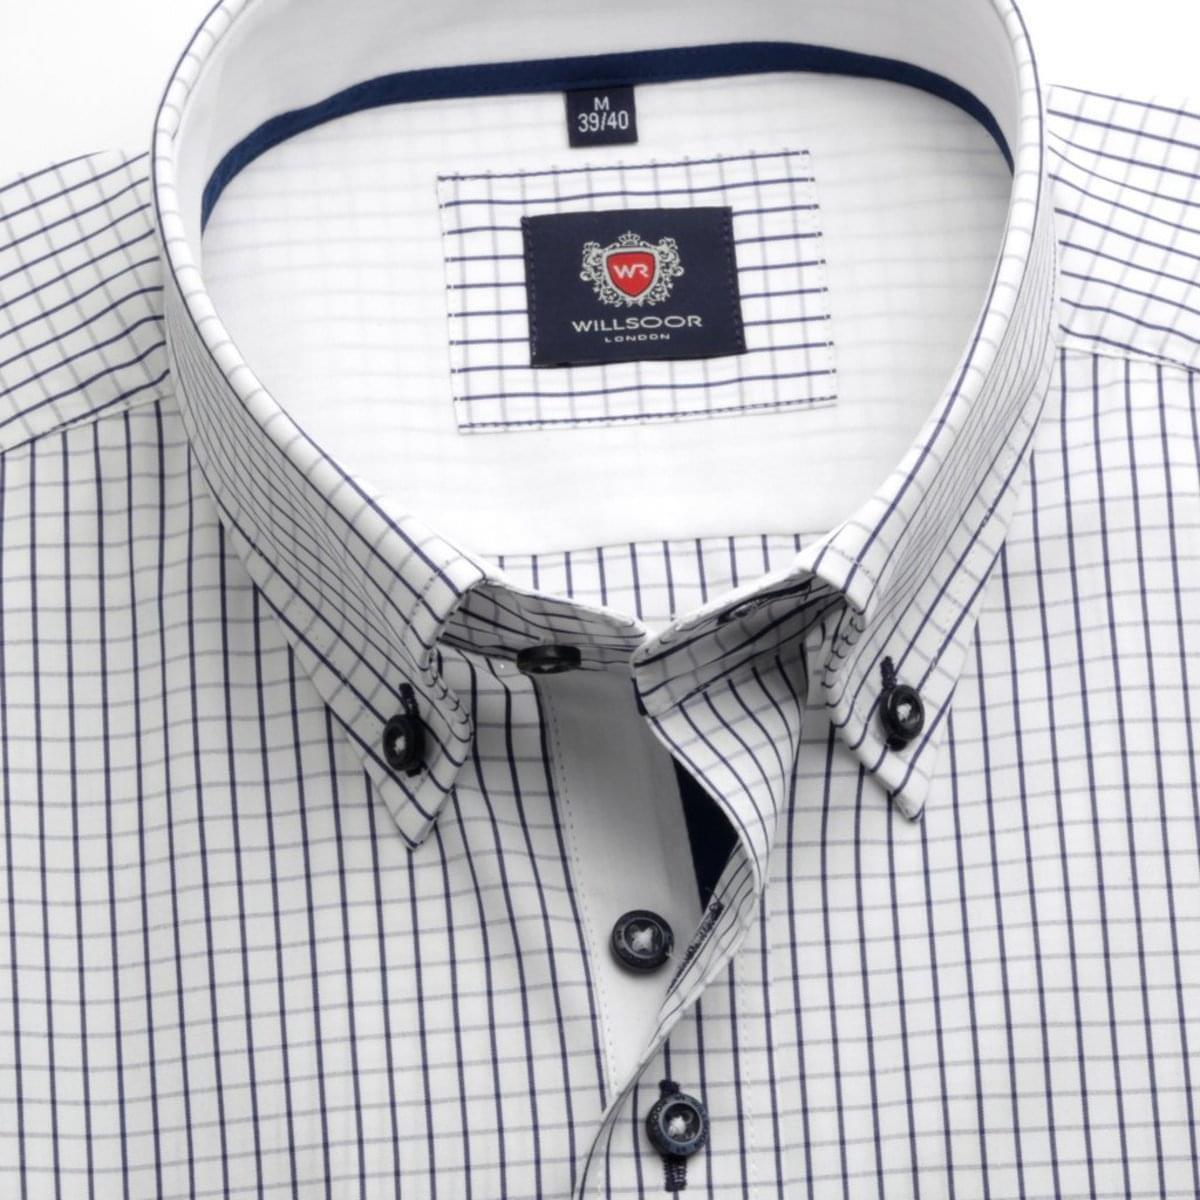 Pánská košile WR London v bílé barvě s kostkou (výška 164-170) 4689 164-170 / XL (43/44) 176-182 / XL (43/44)